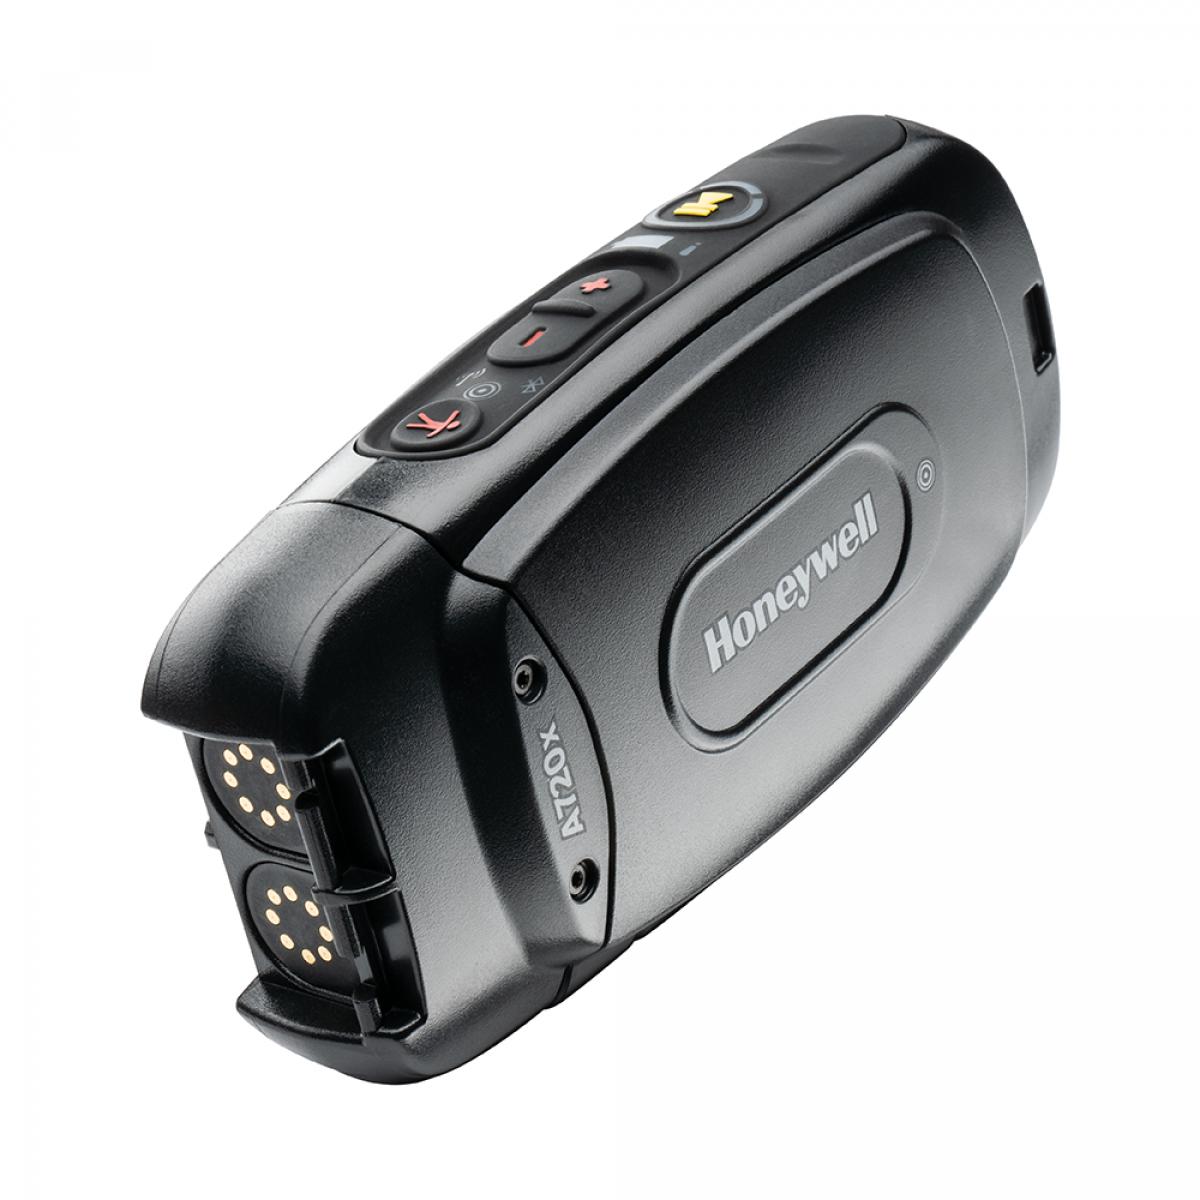 Honeywell Voice A720x computer